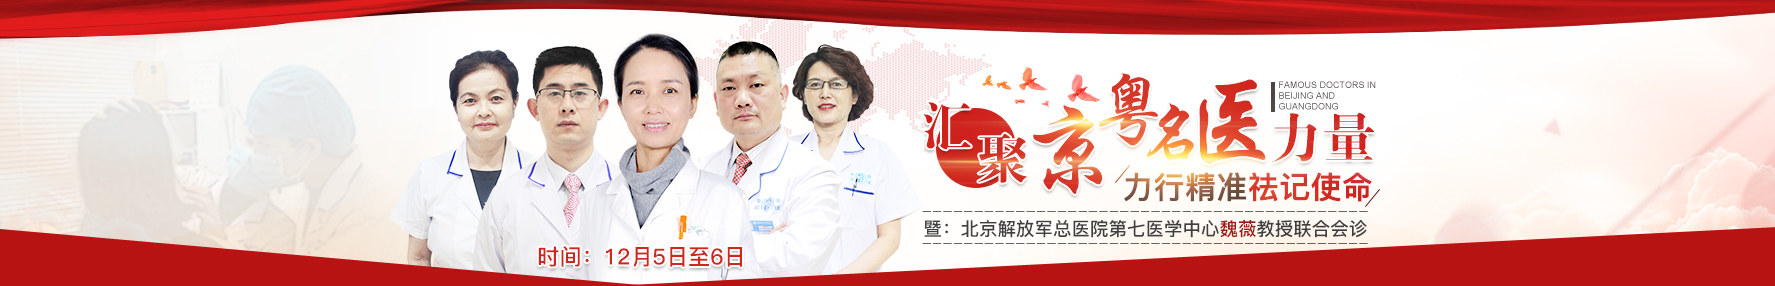 广州健肤胎记医院